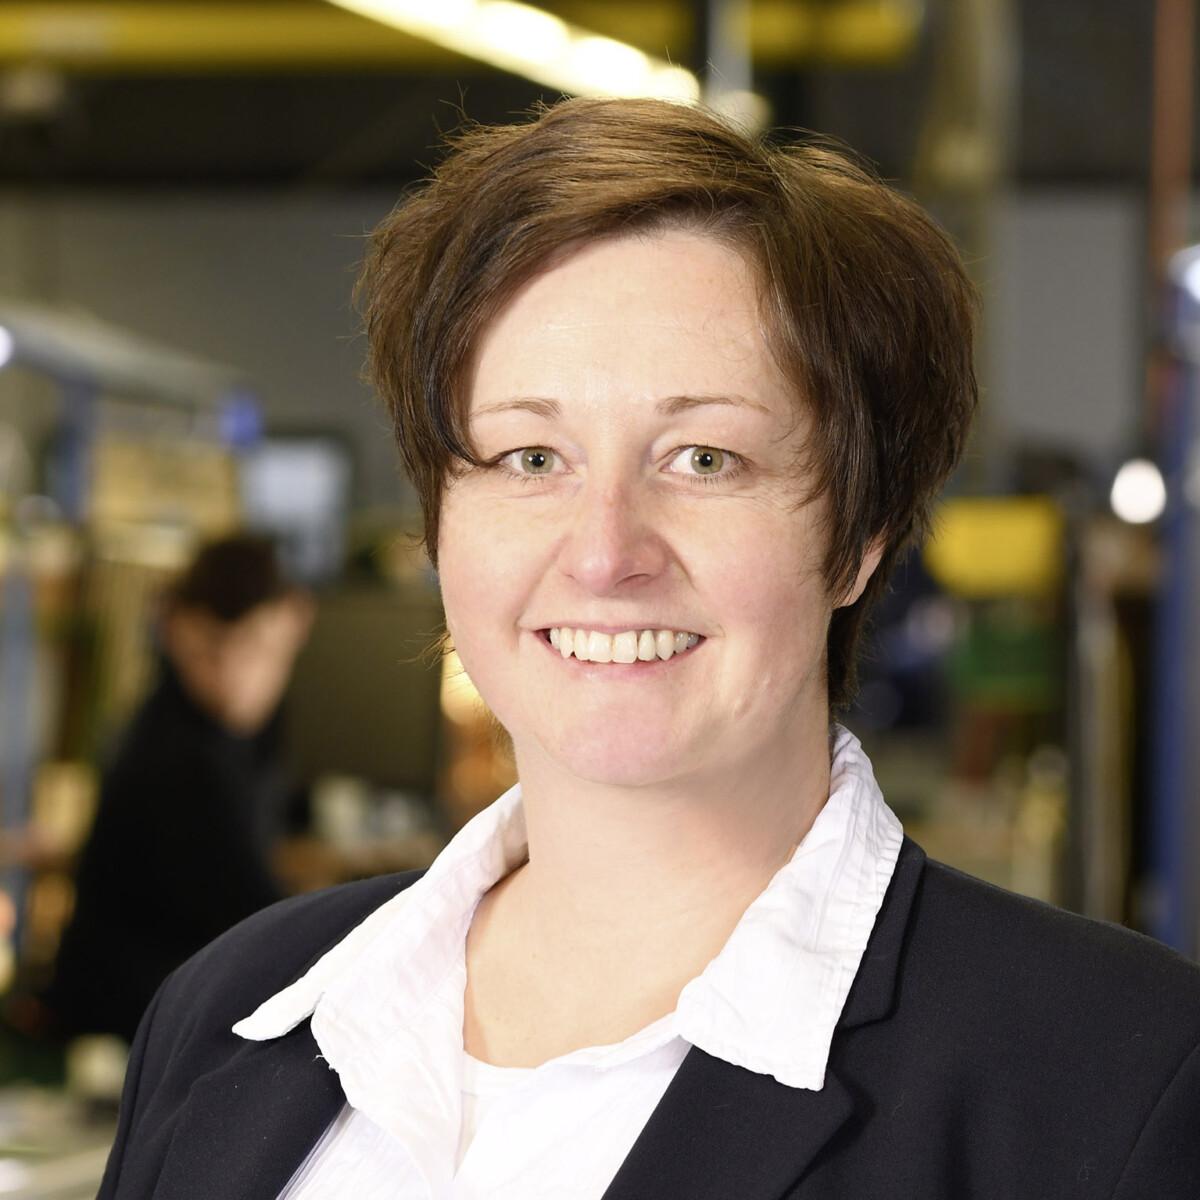 Katja Gerlach - Ansprechpartner bei Sollingglas für die Auftragsbearbeitung und den Verkauf – Technisches Glas sowie Restaurierungsglas